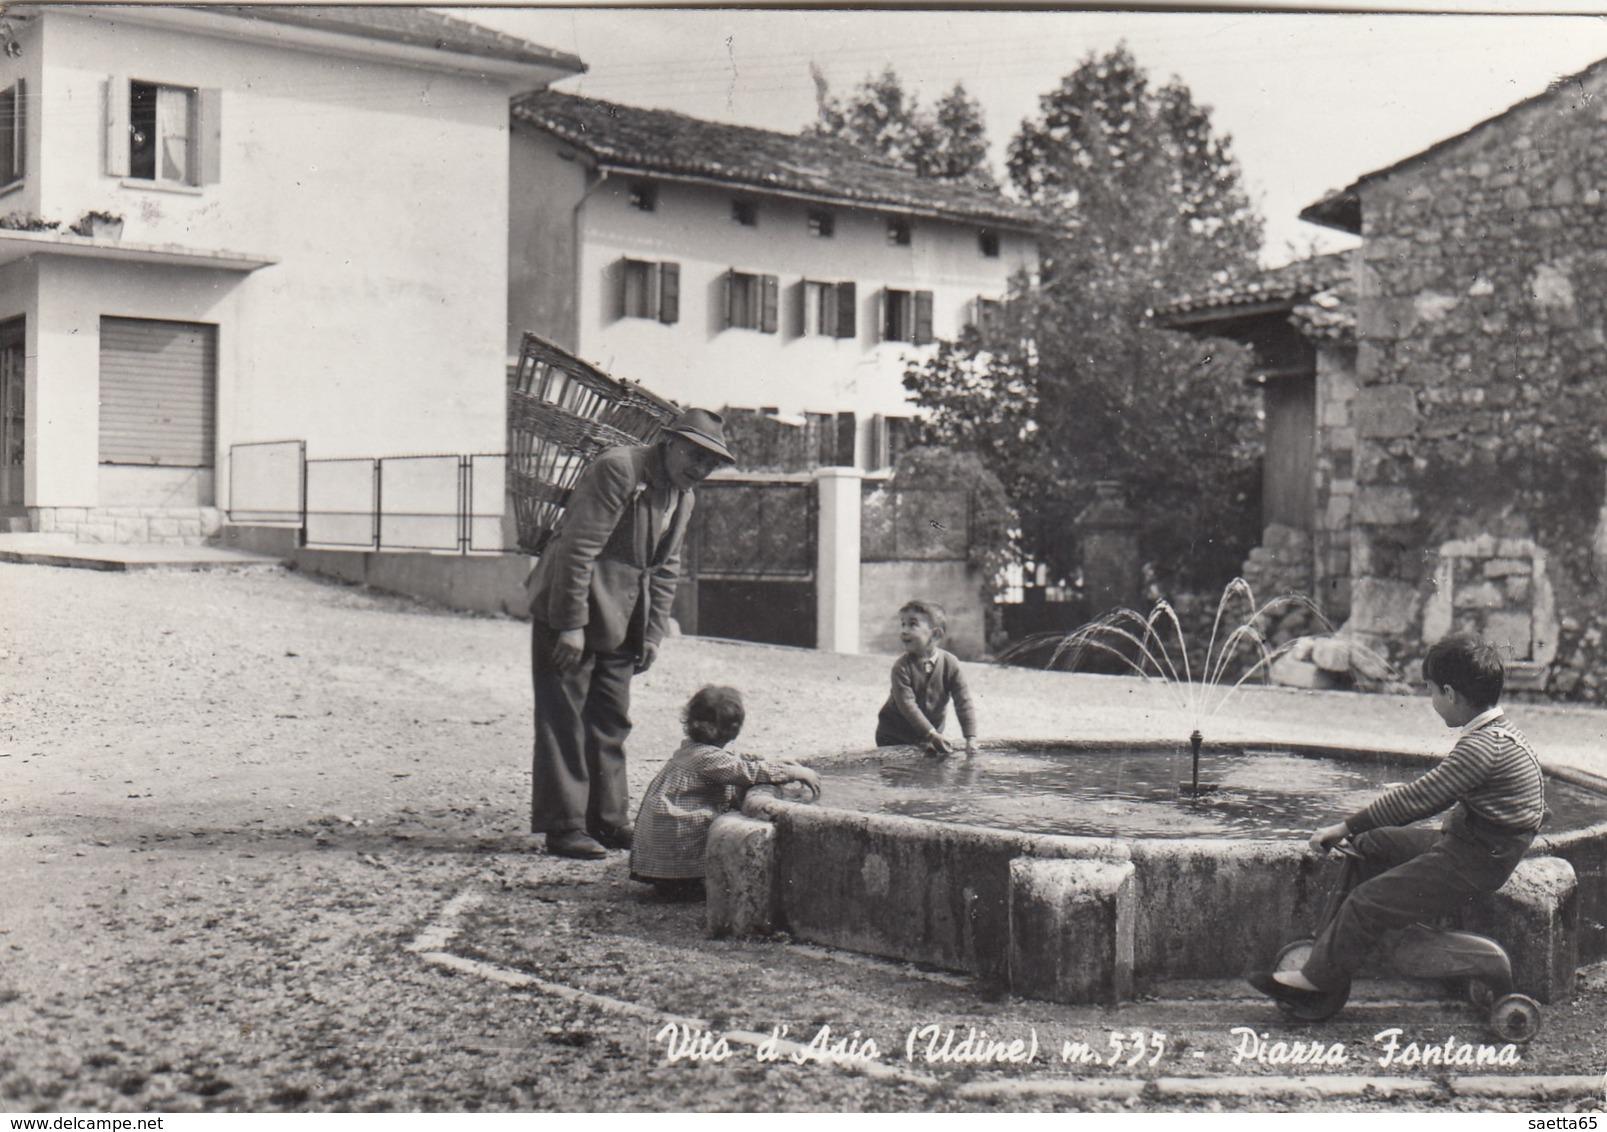 VITO D'ASIO-FONTANA - Udine